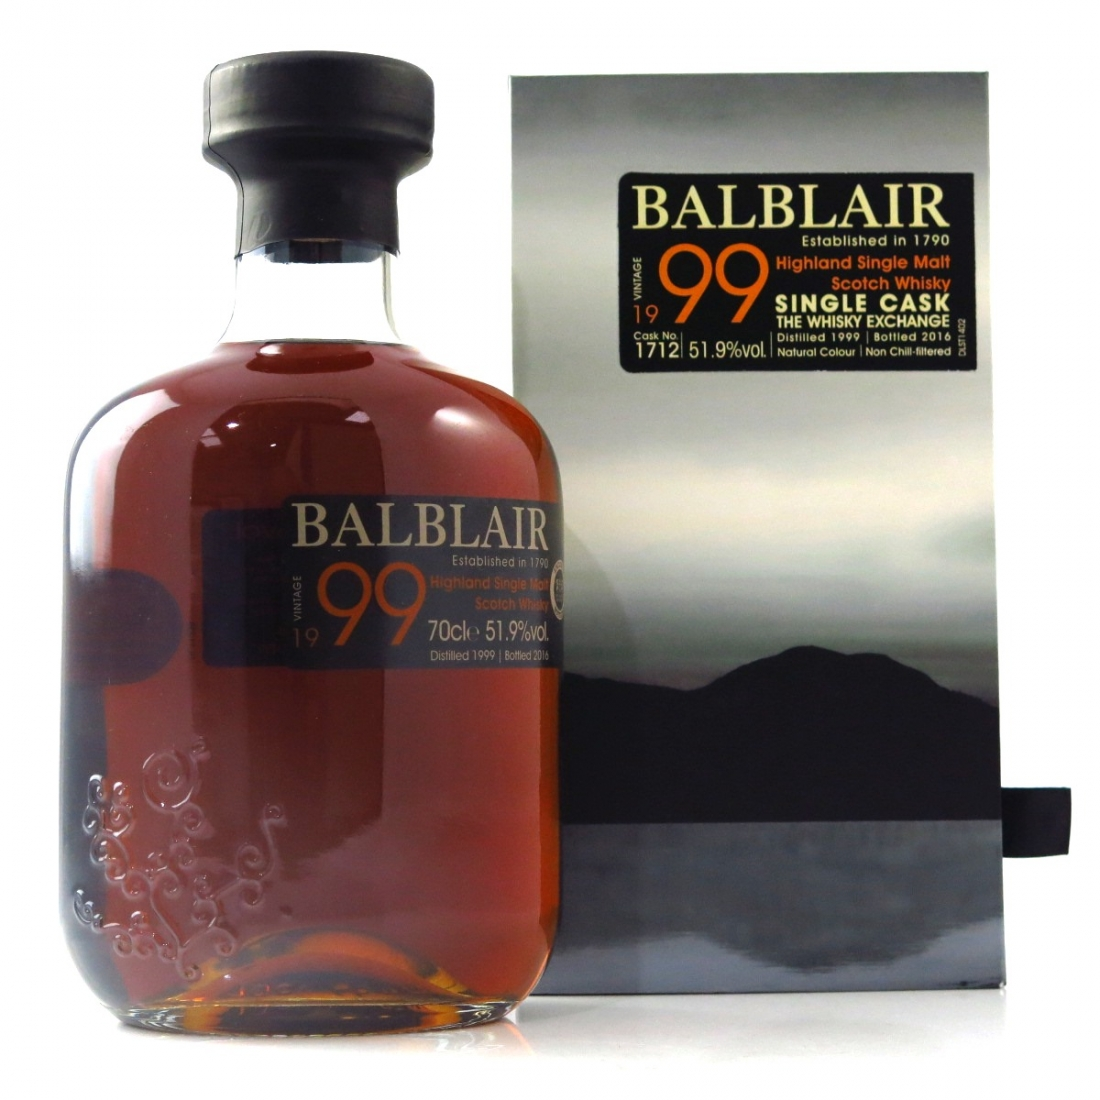 Balblair 1999 Single Cask #1712 / TWE Exclusive